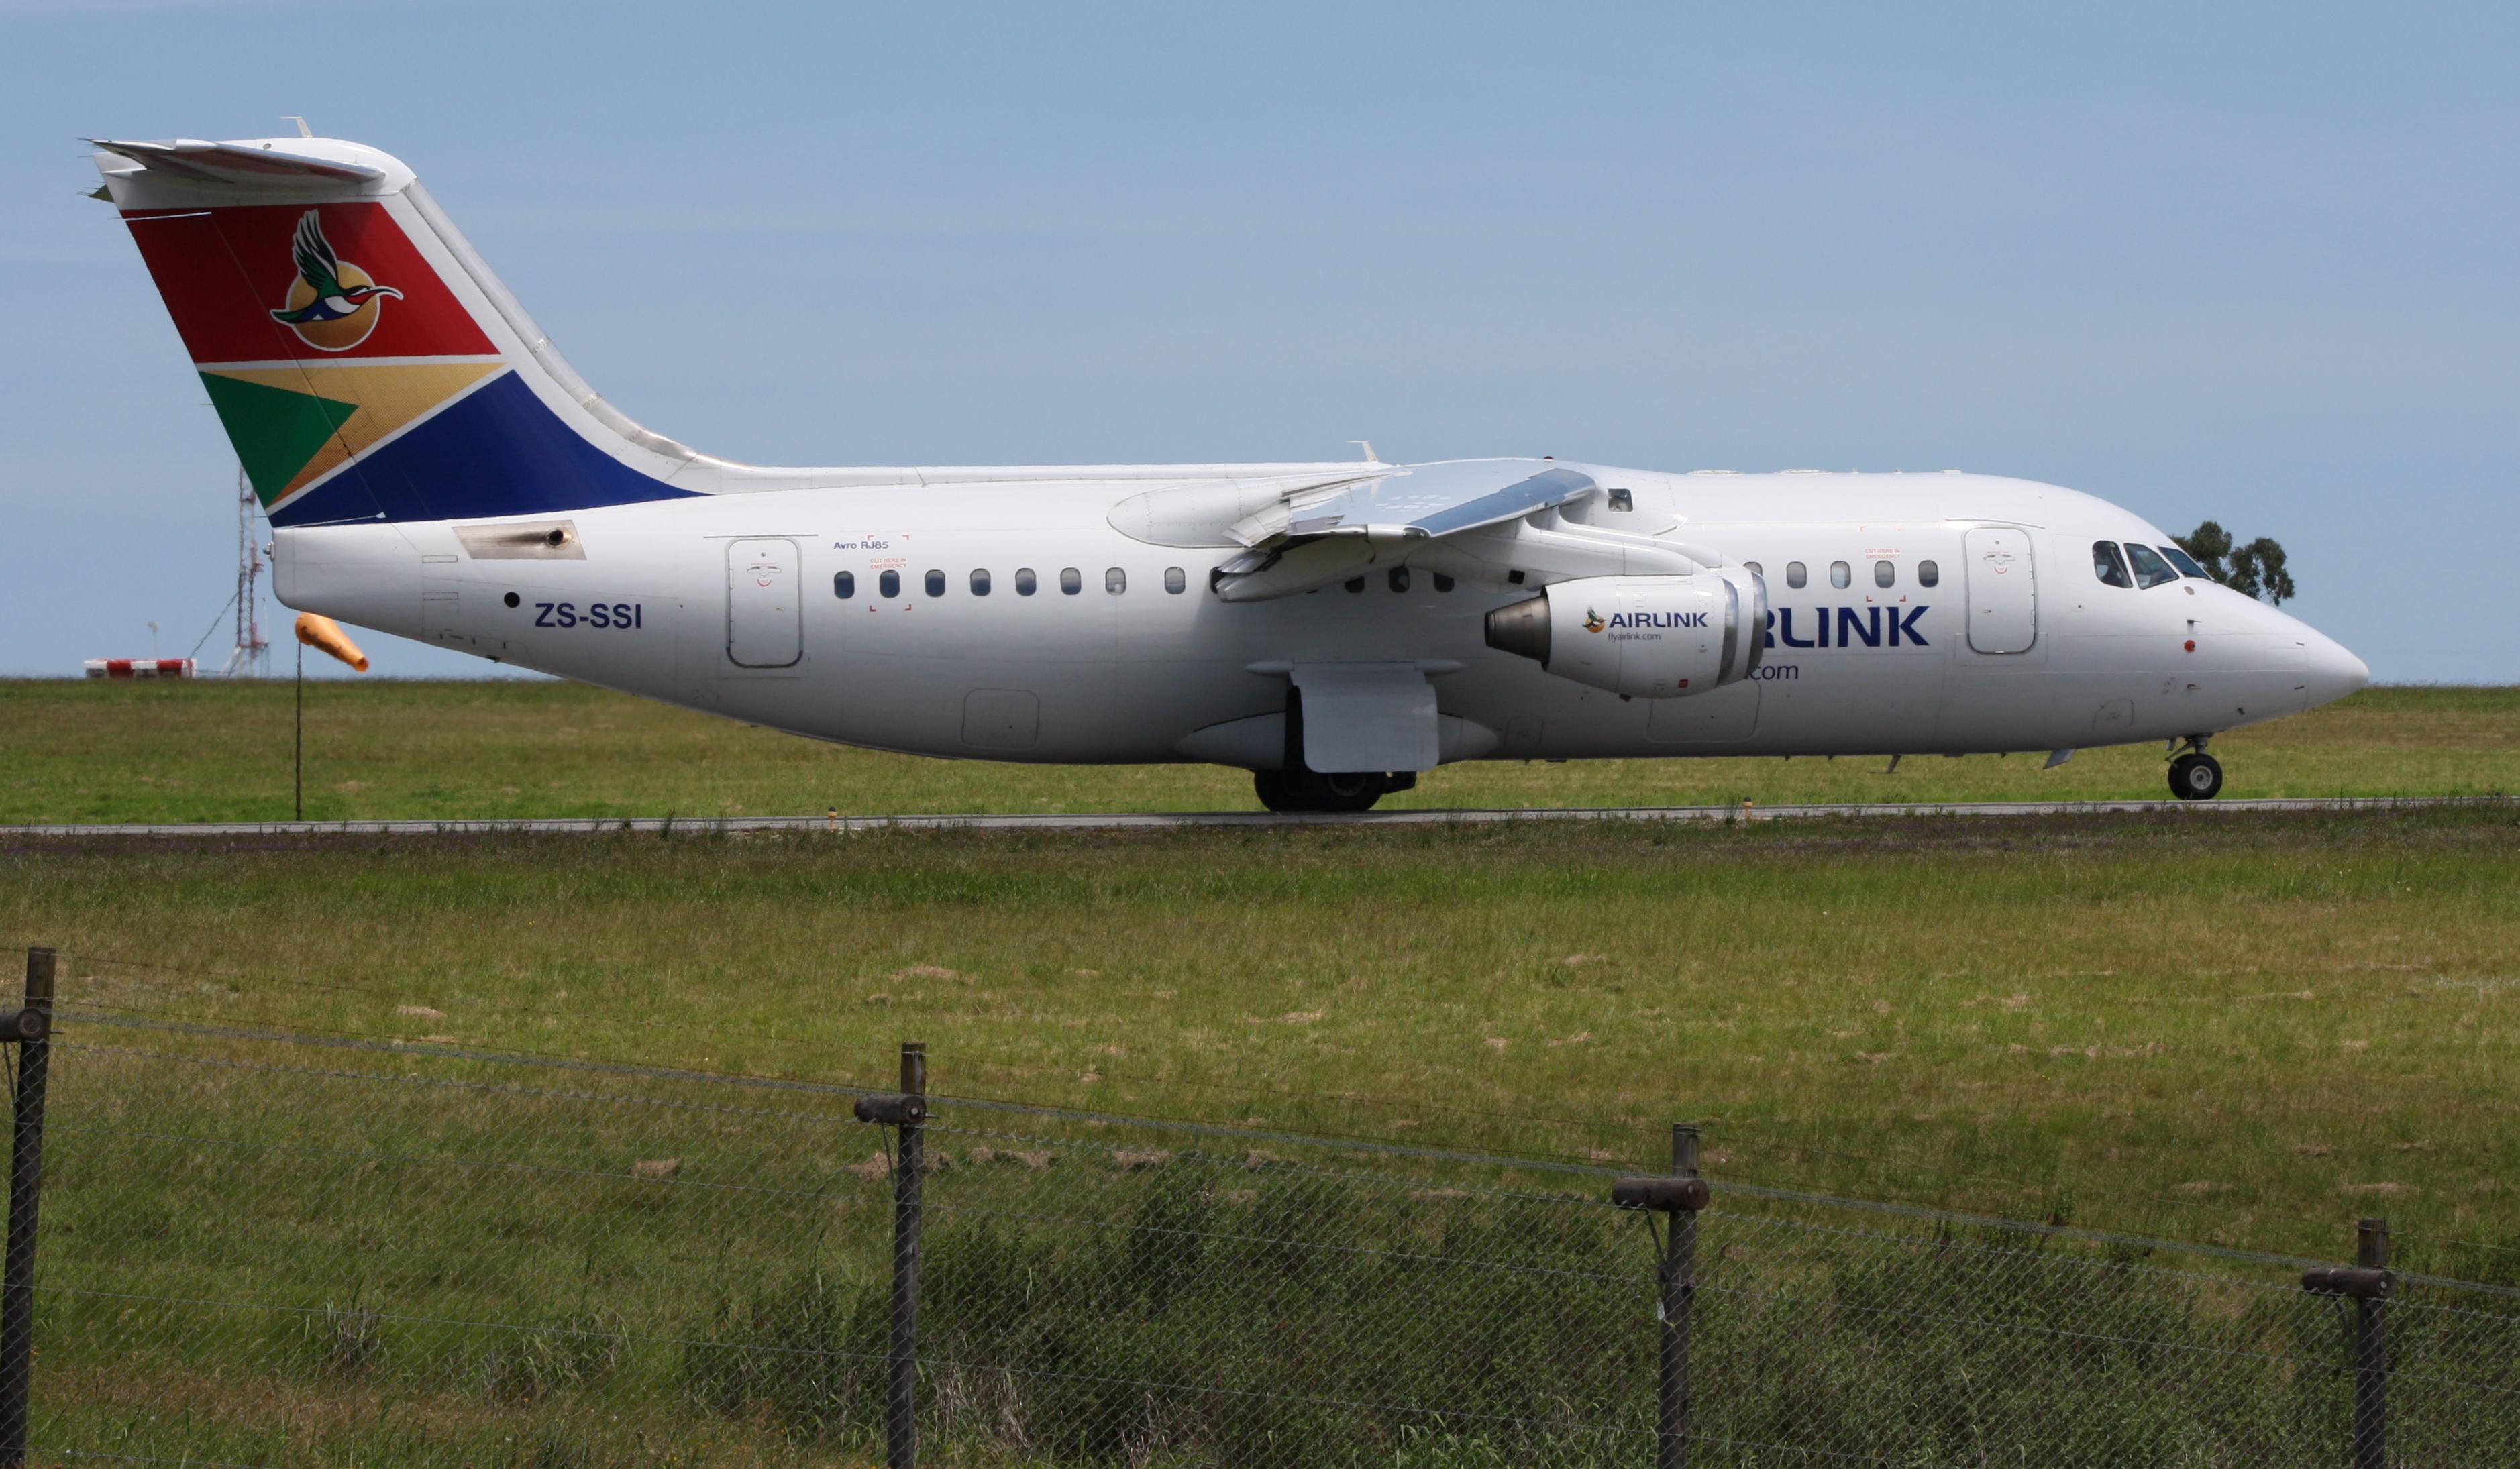 Reflexo do desastre? Companhia sul-africana que voa o mesmo modelo do jato que caiu em Medellín anuncia a substituição desses aparelhos por aviões da Embraer